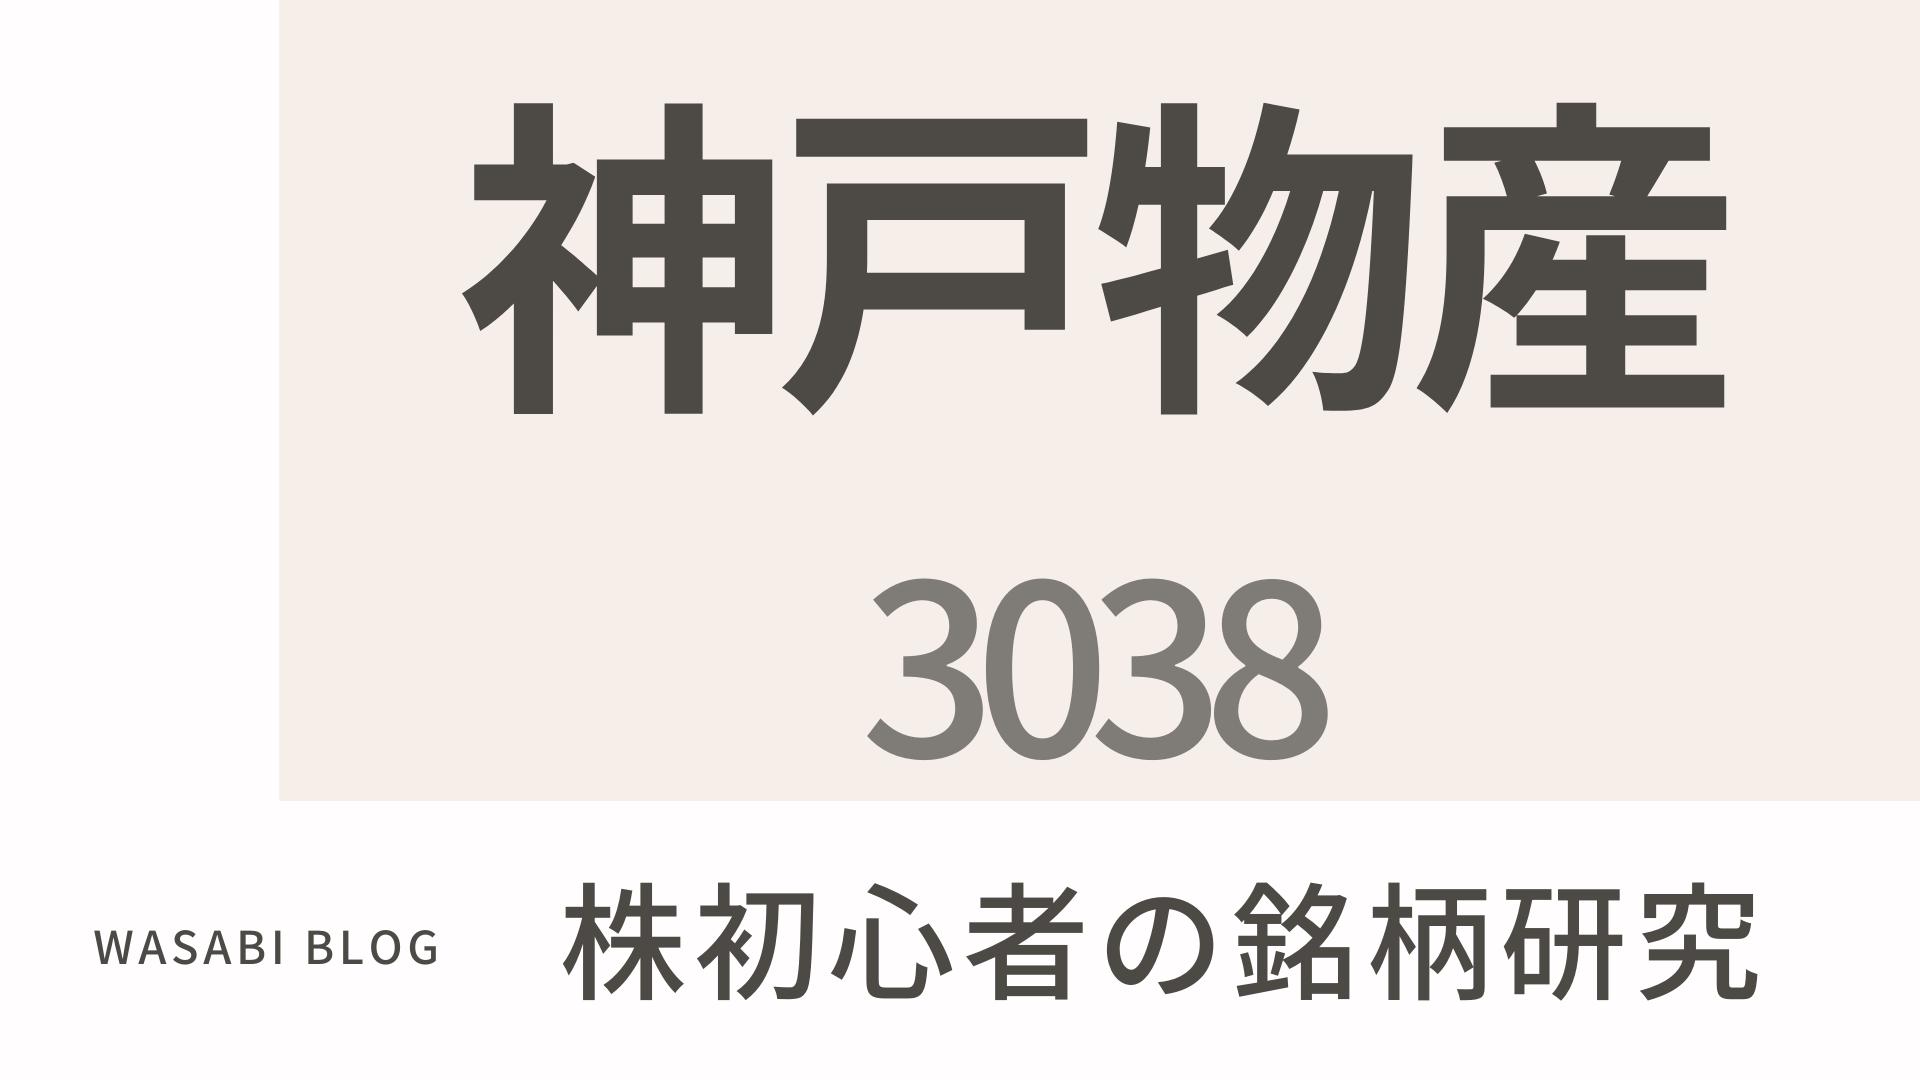 株価 3038